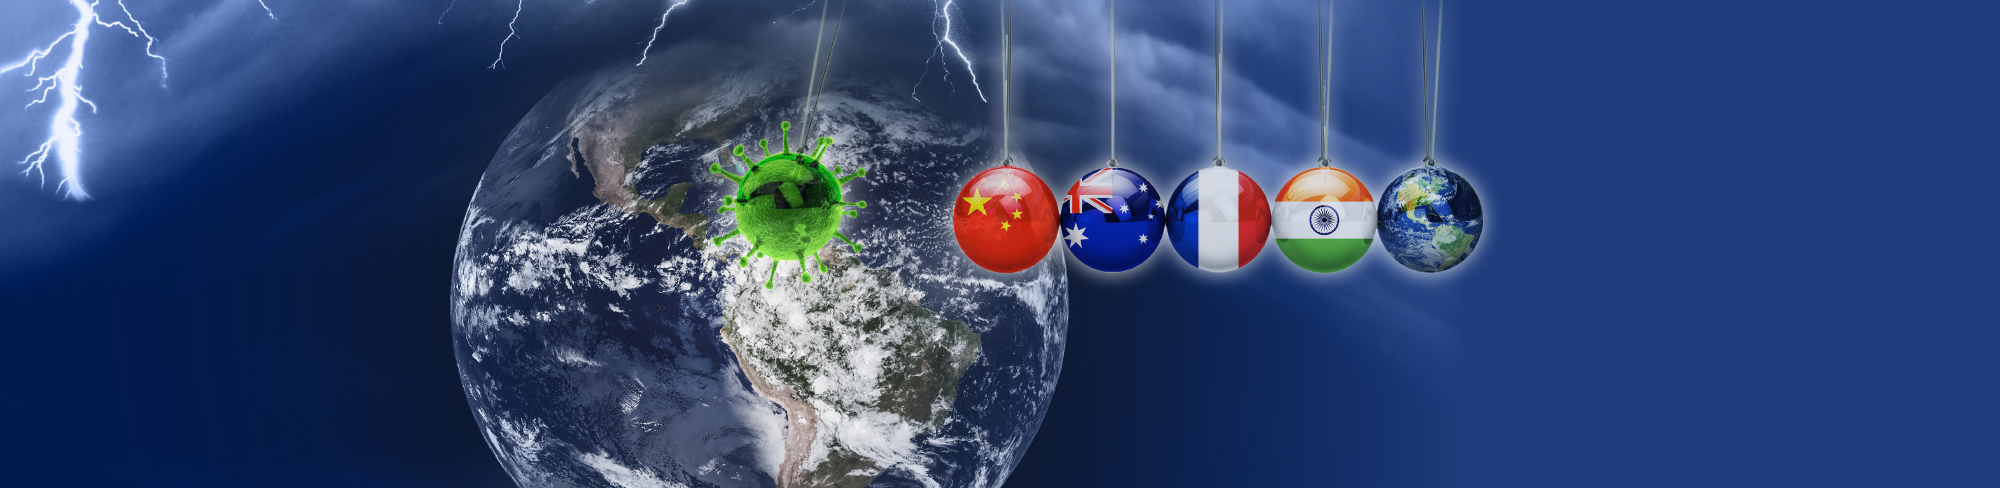 Global Risk Banner Image 3